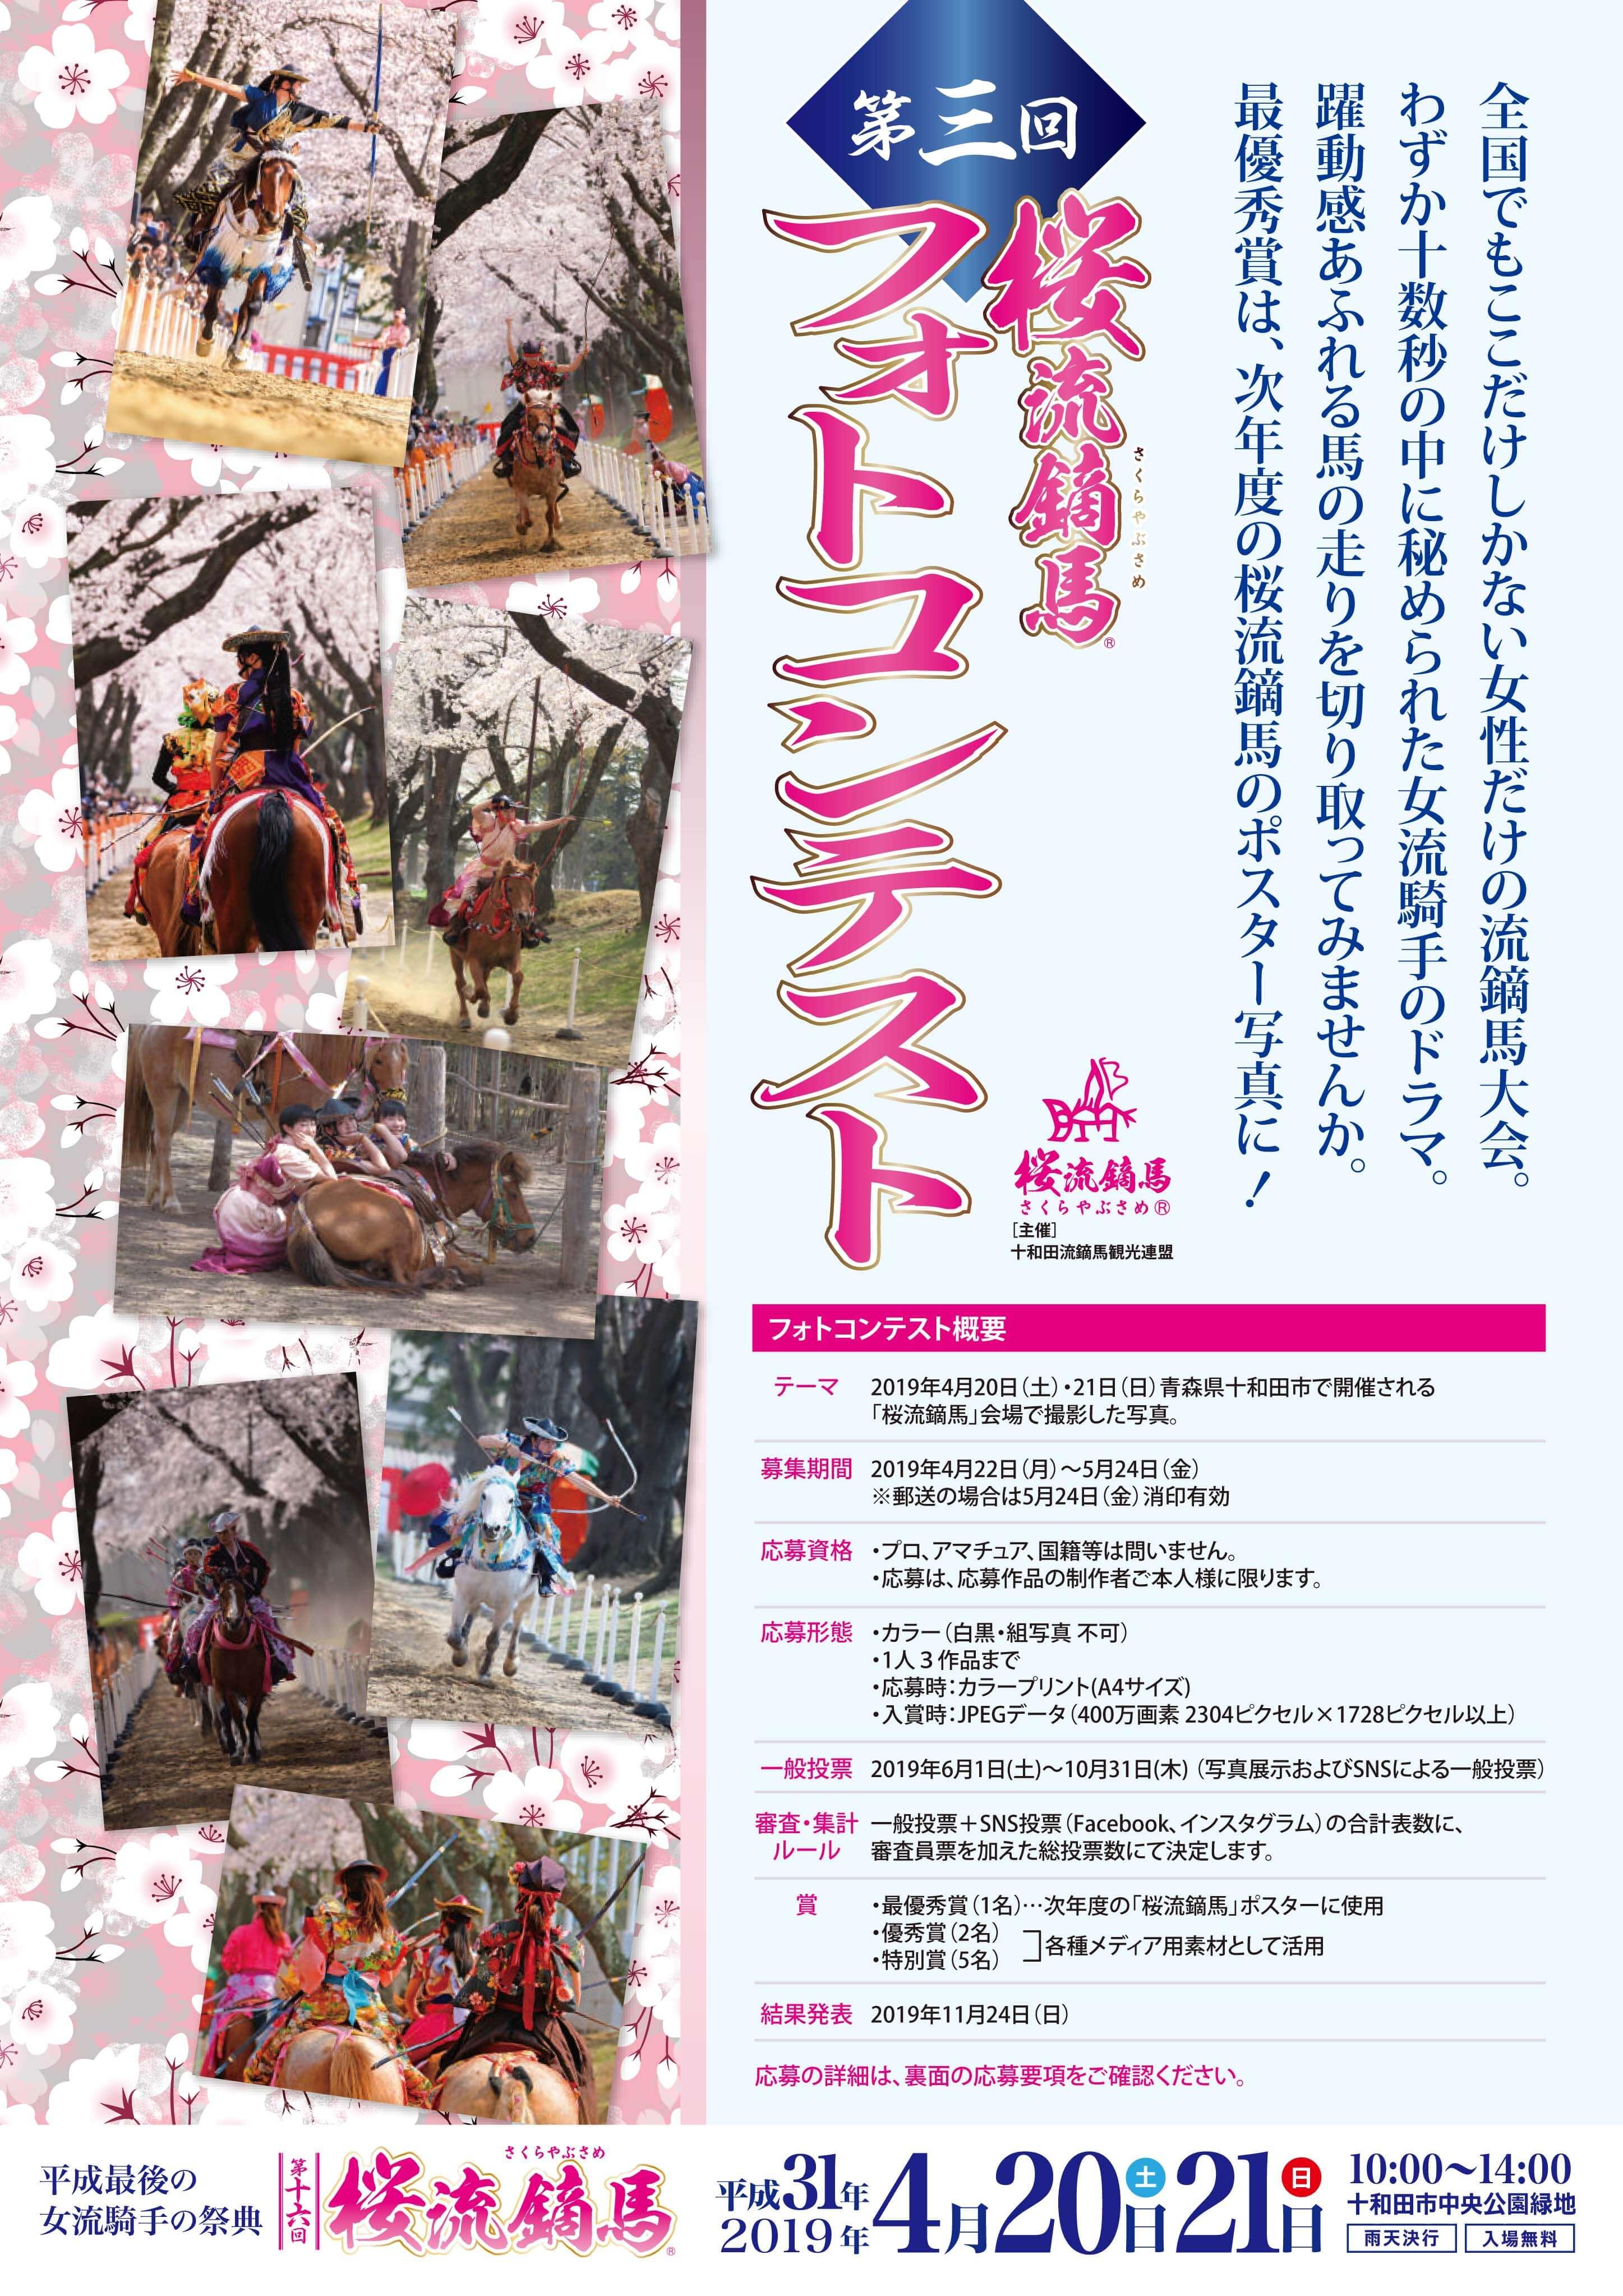 第3回桜流鏑馬フォトコンテスト開催